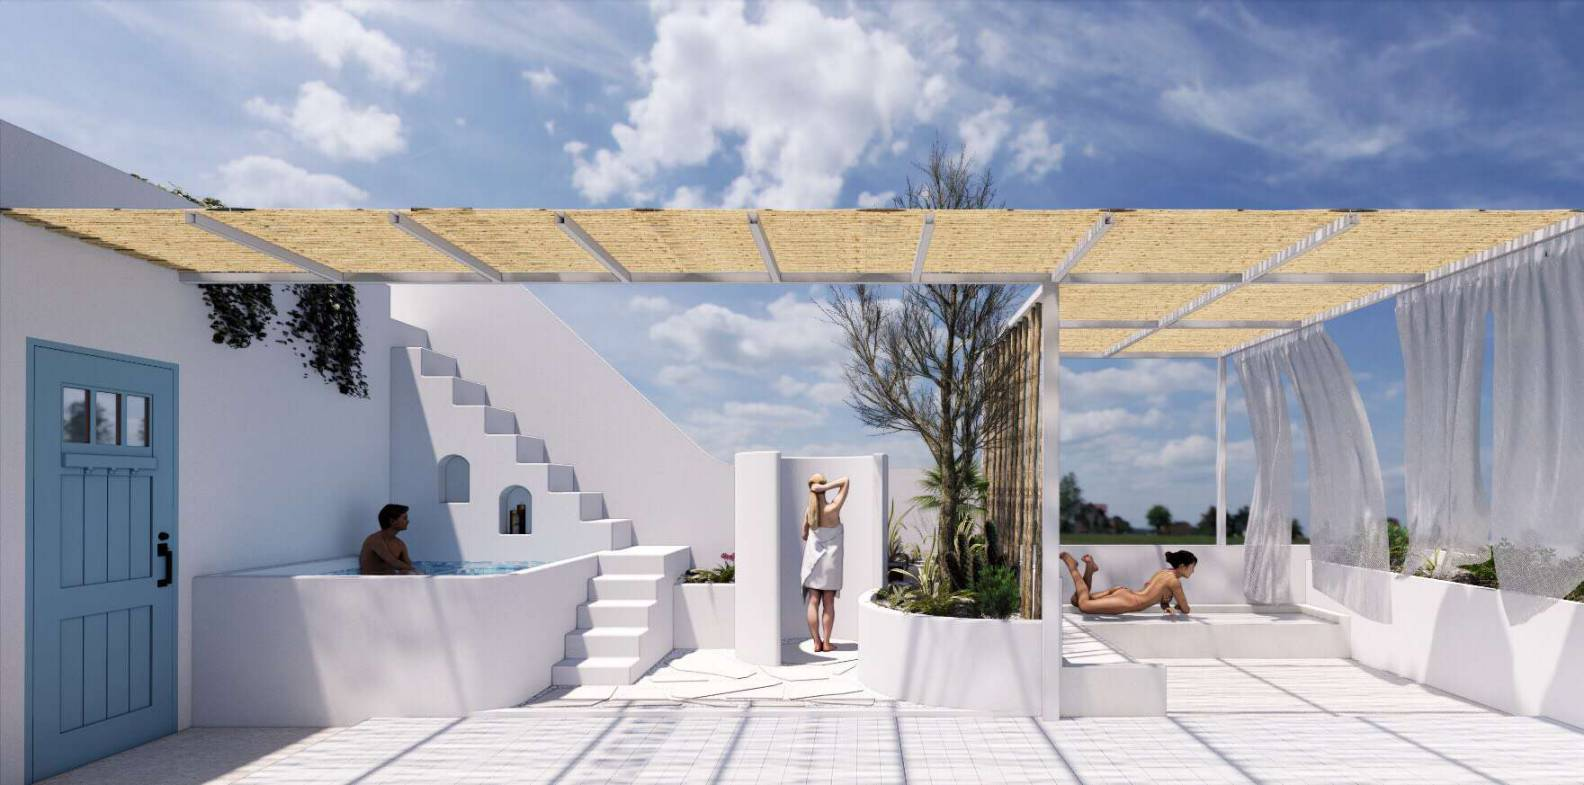 Đo vẽ hiện trạng, cải tạo căn hộ cho thuê Airbnb đường Mai Thị Lựu sau khi nâng cấp 1